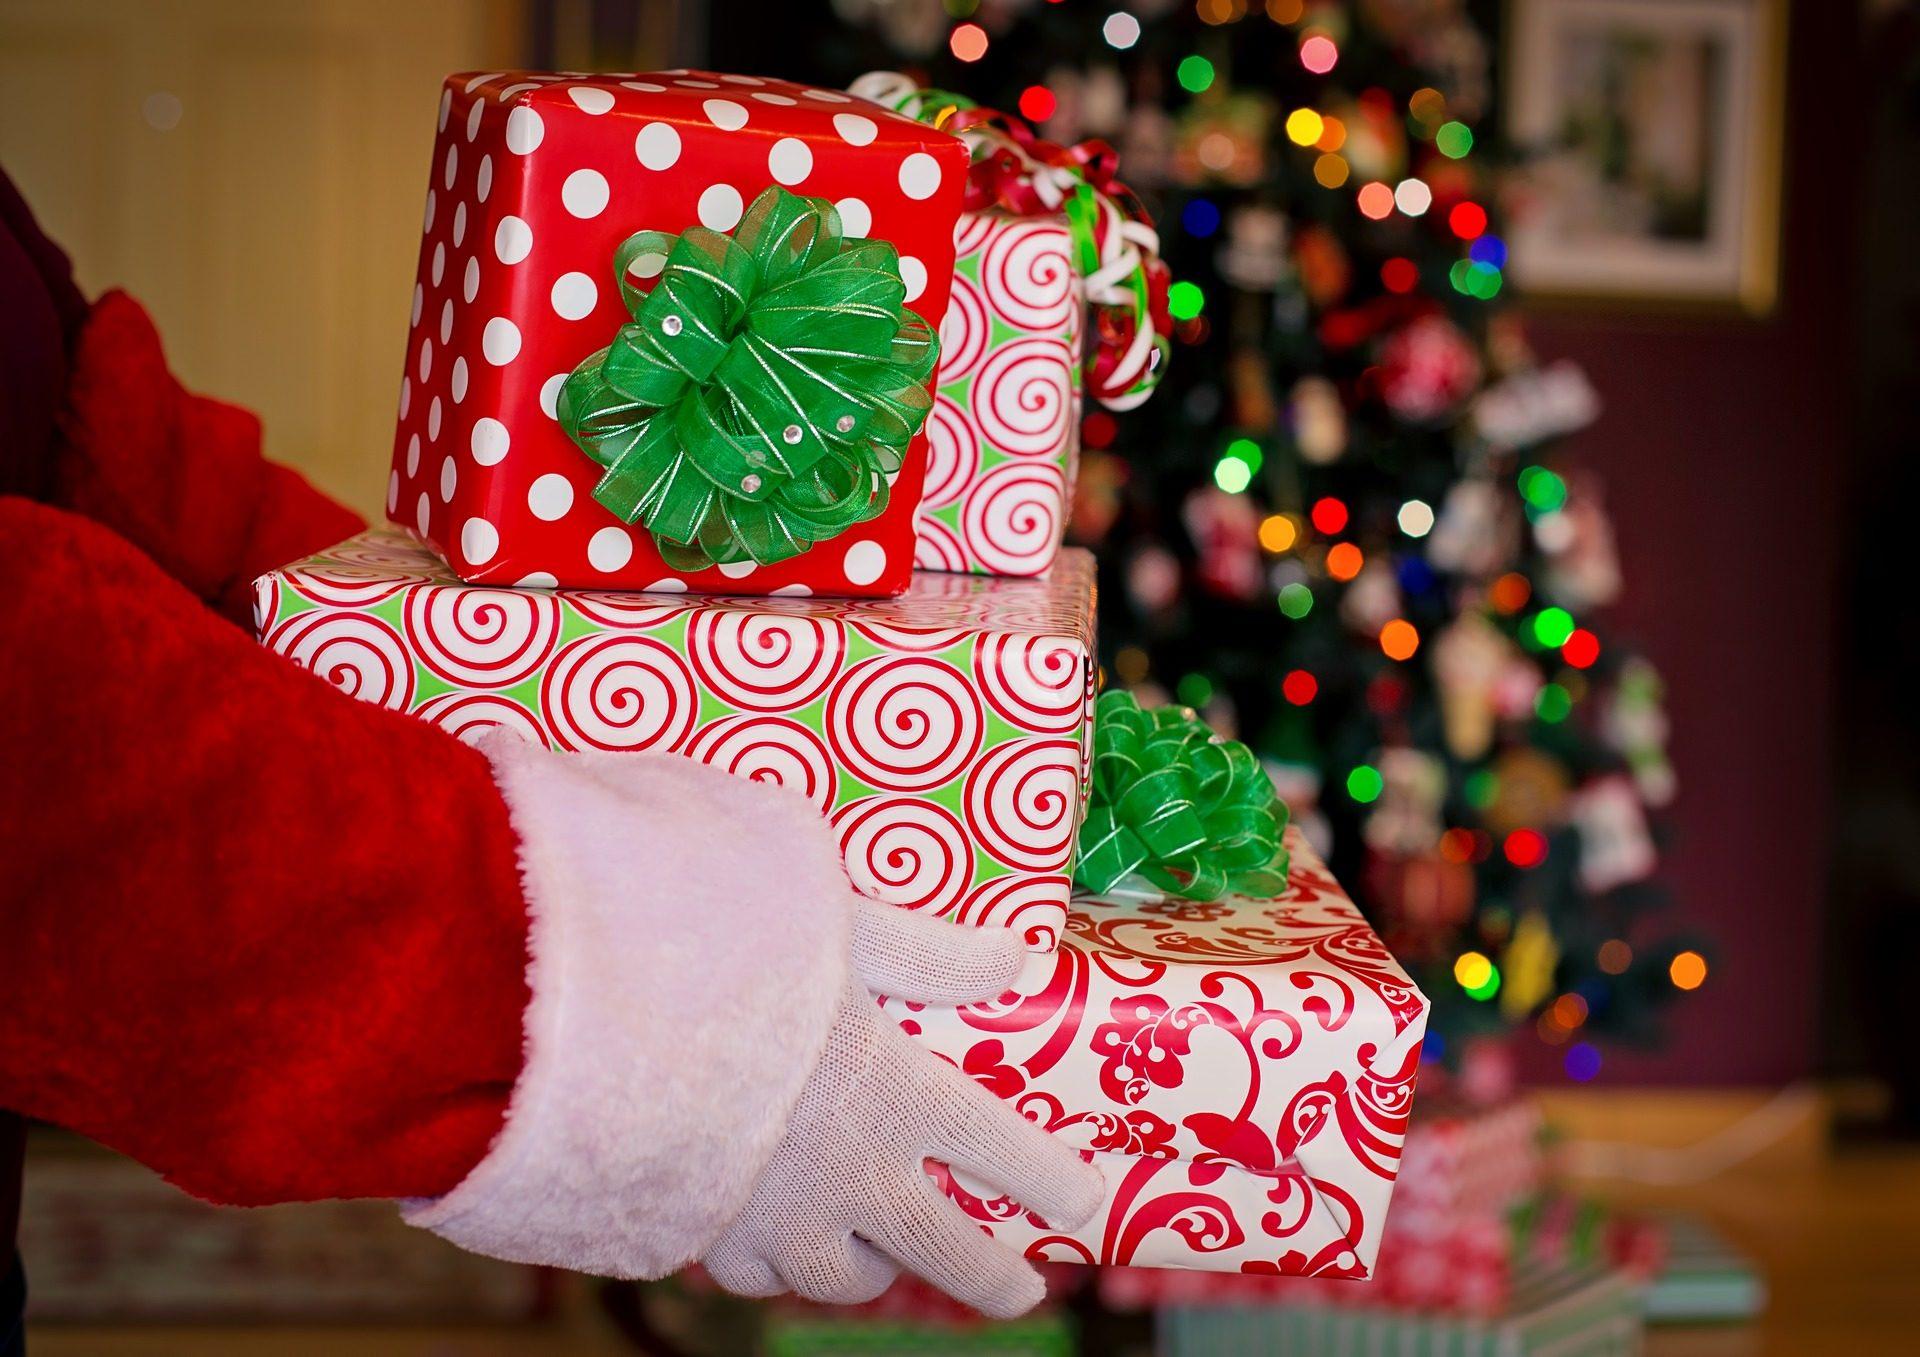 Idee Regalo Natale Zii.Natale Formato Famiglia Idee Per Divertirsi E Rendere